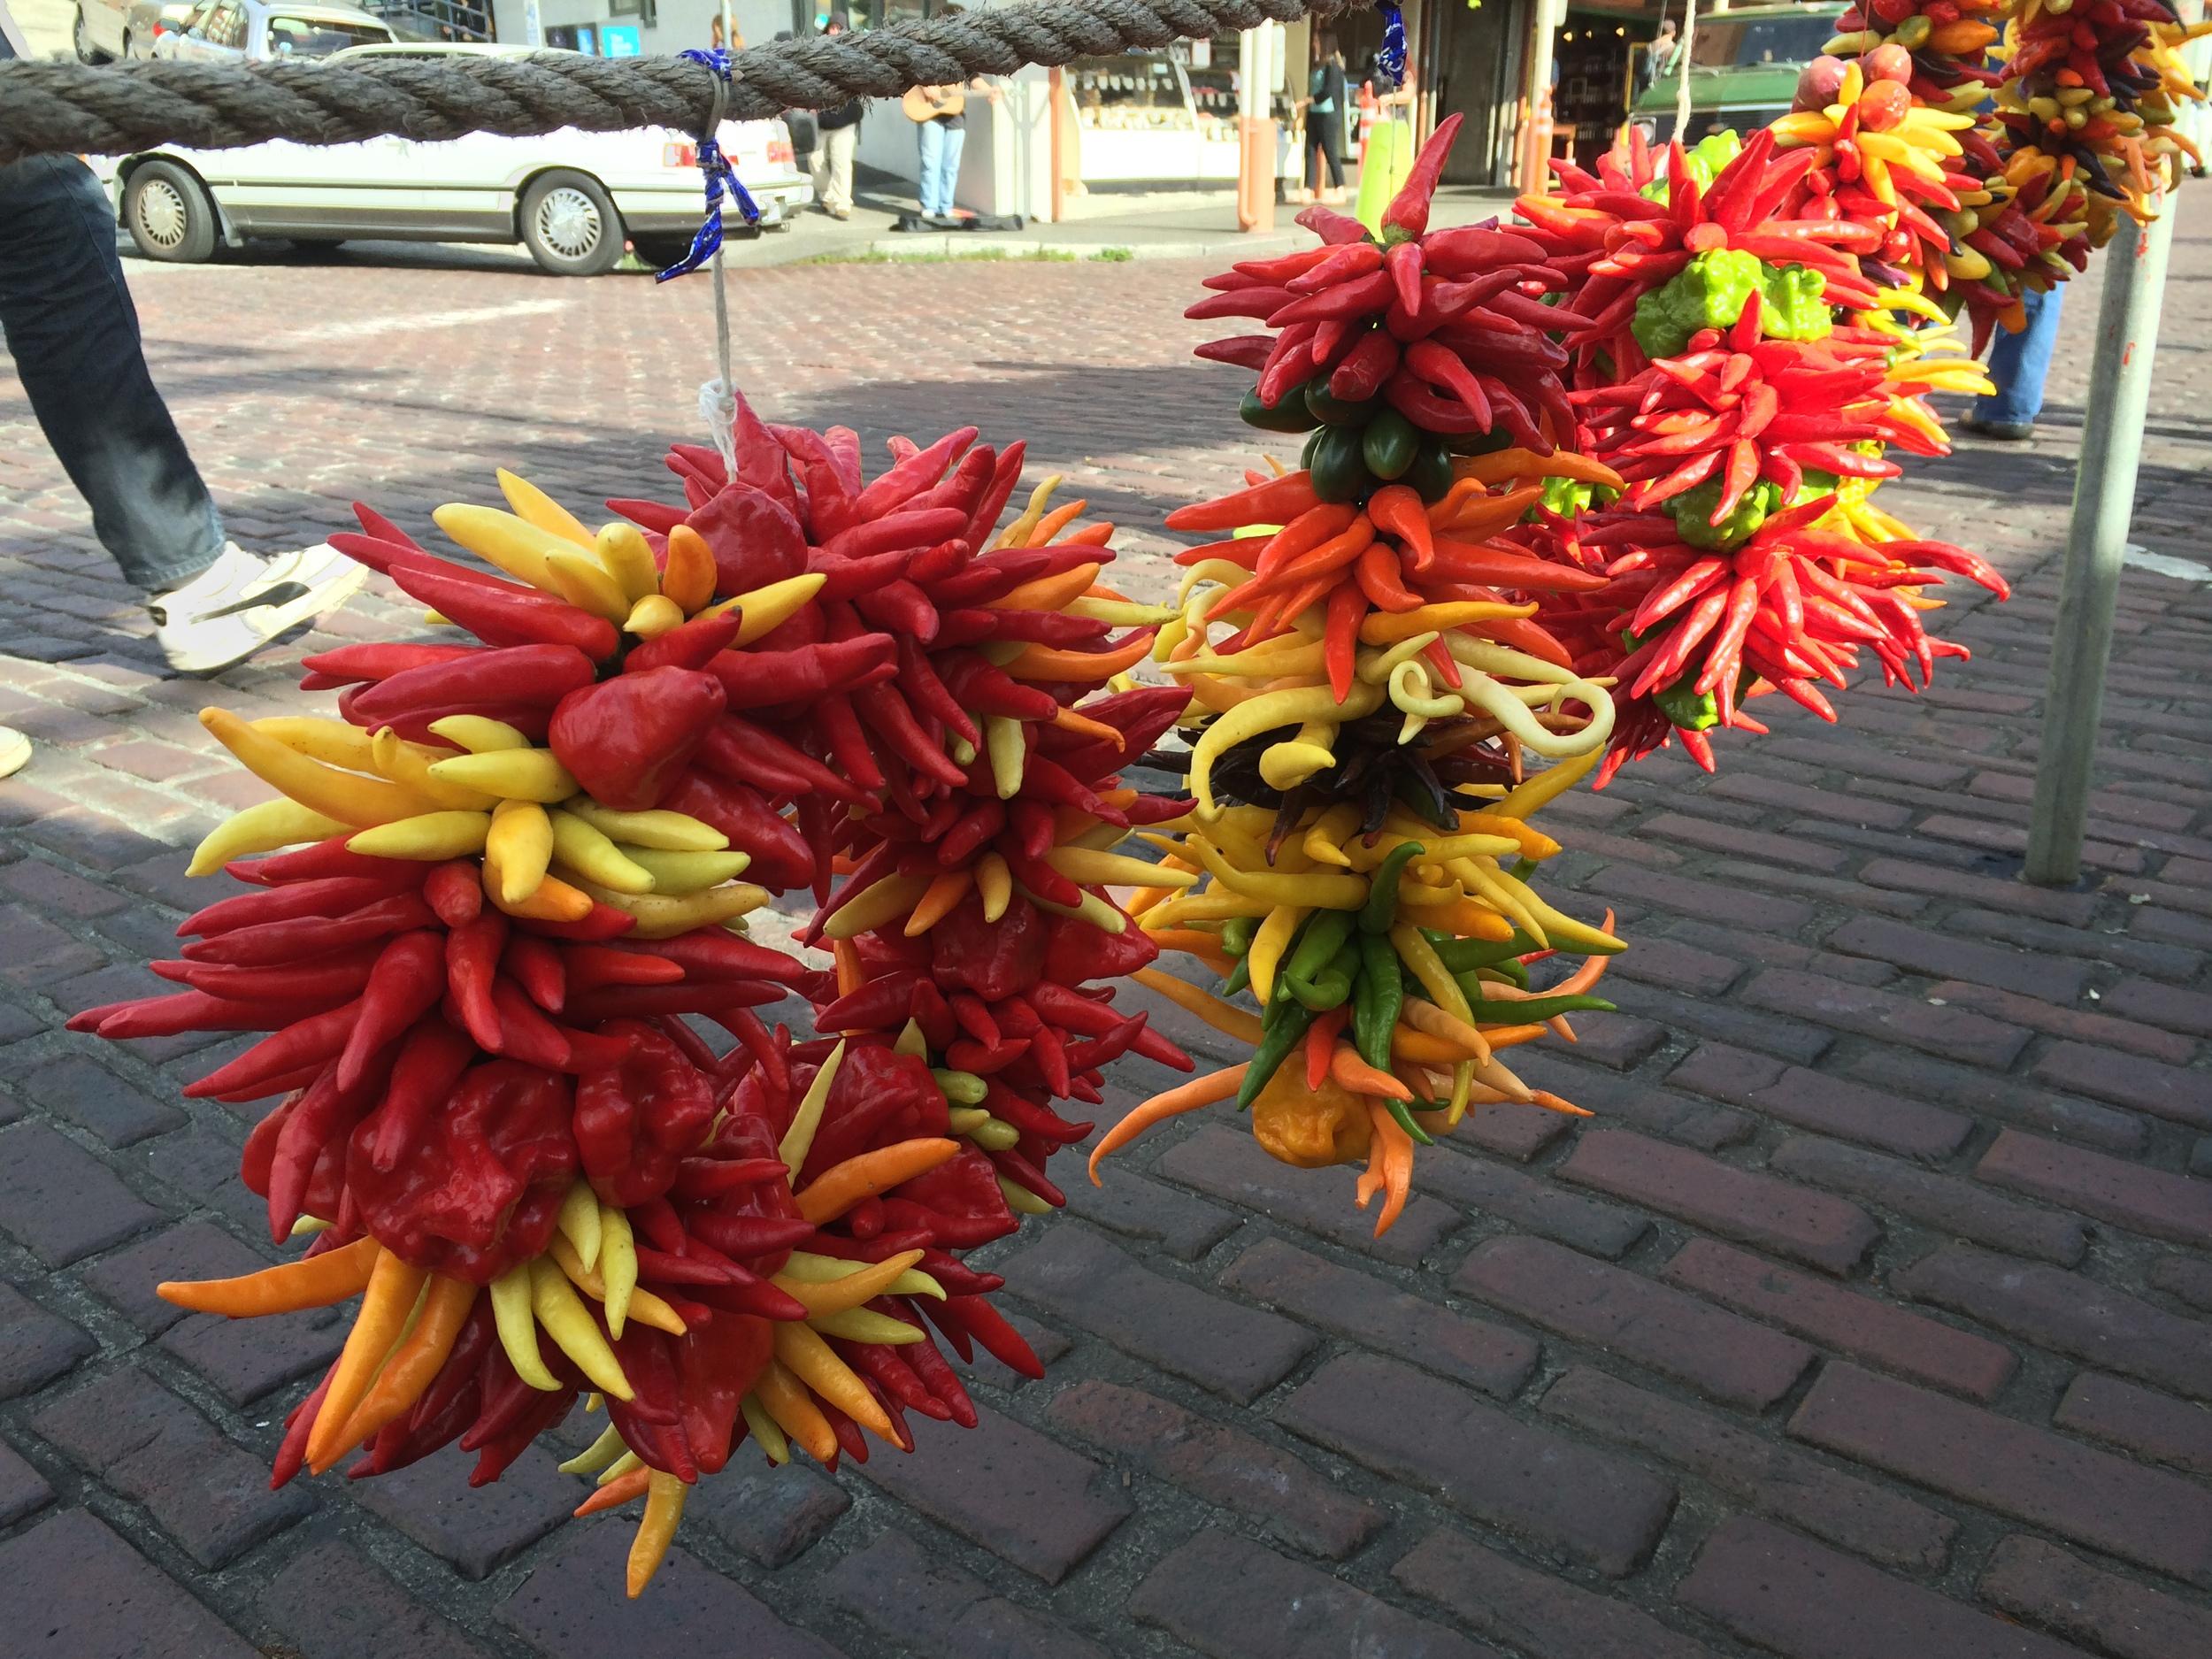 Pepper wreath, anyone?